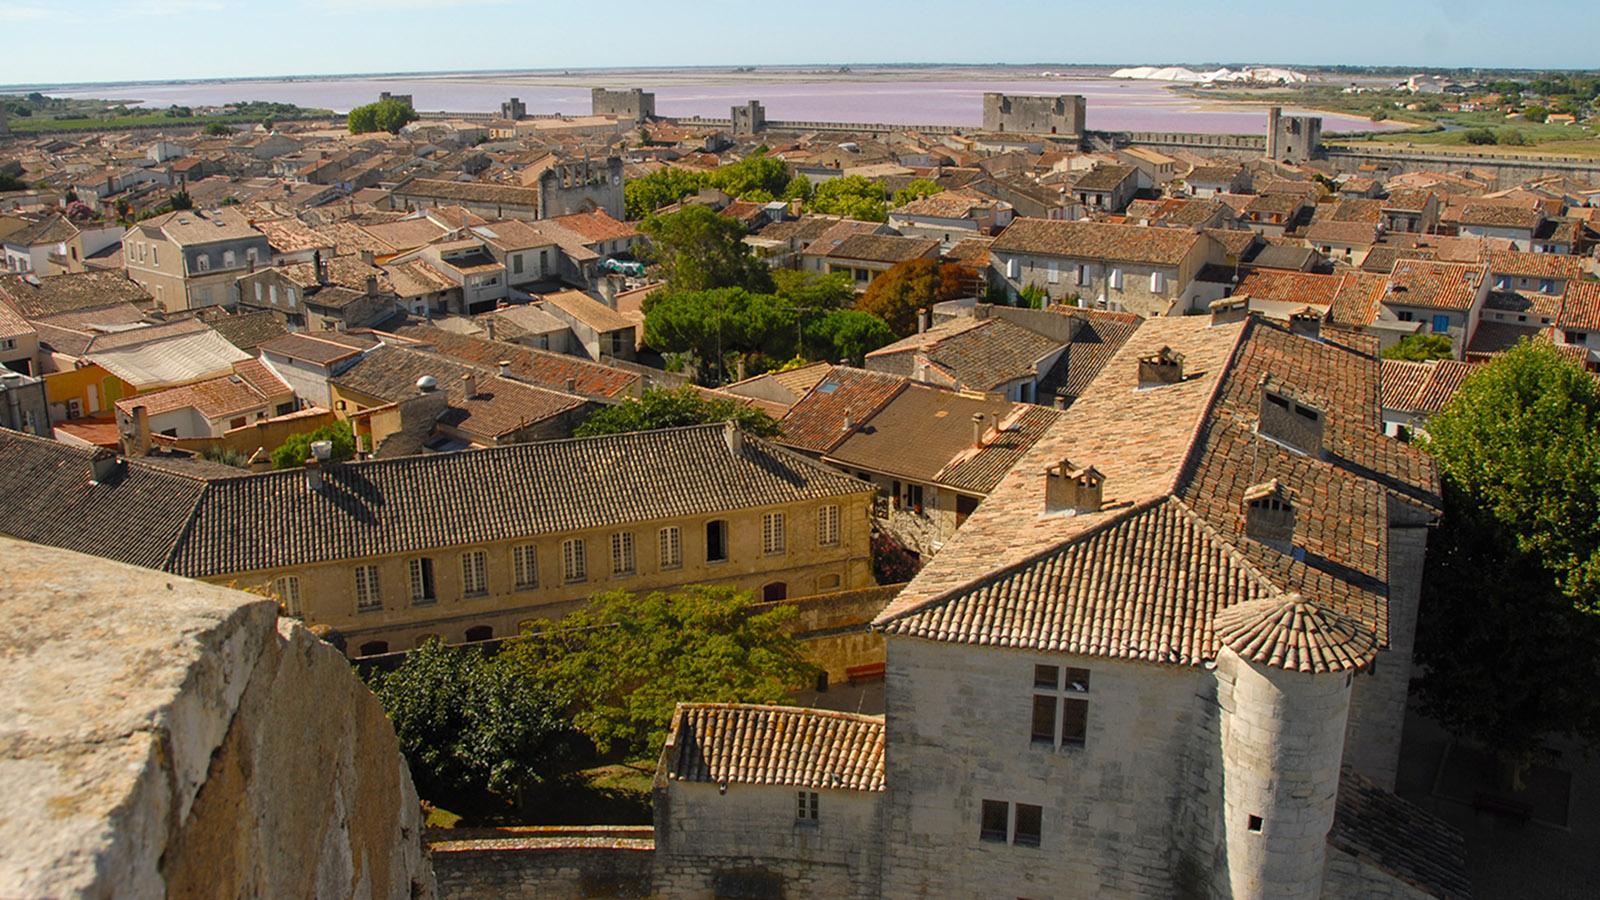 Aigues-Mortes, Blick von der nördlichen Stadtmauer auf die südliche Stadtmauer und die Salzgewinnung der Saline du Midi. Foto: Hilke Maunder